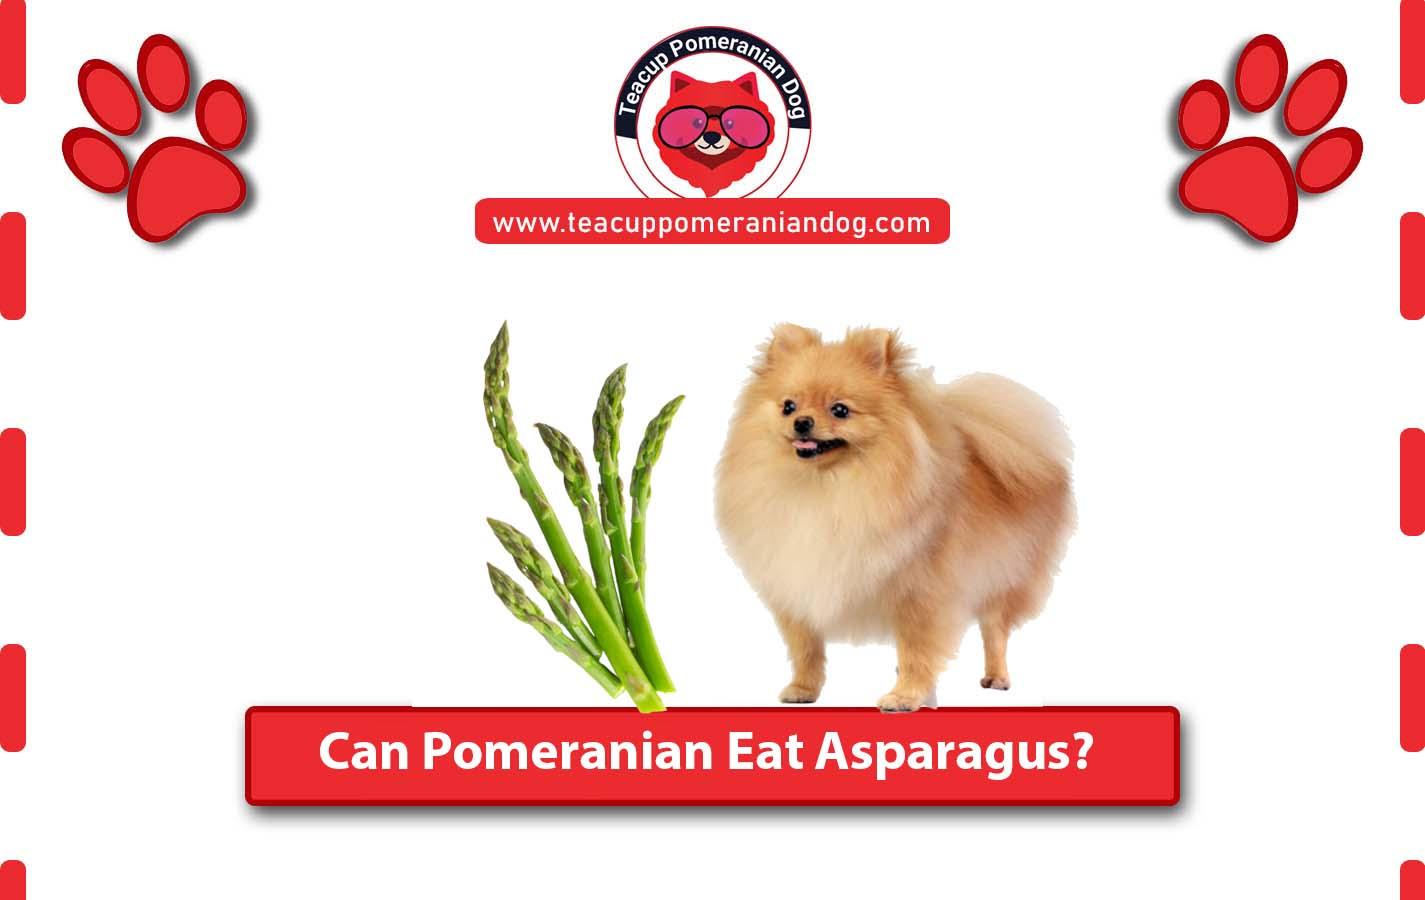 Can Pomeranian Eat Asparagus